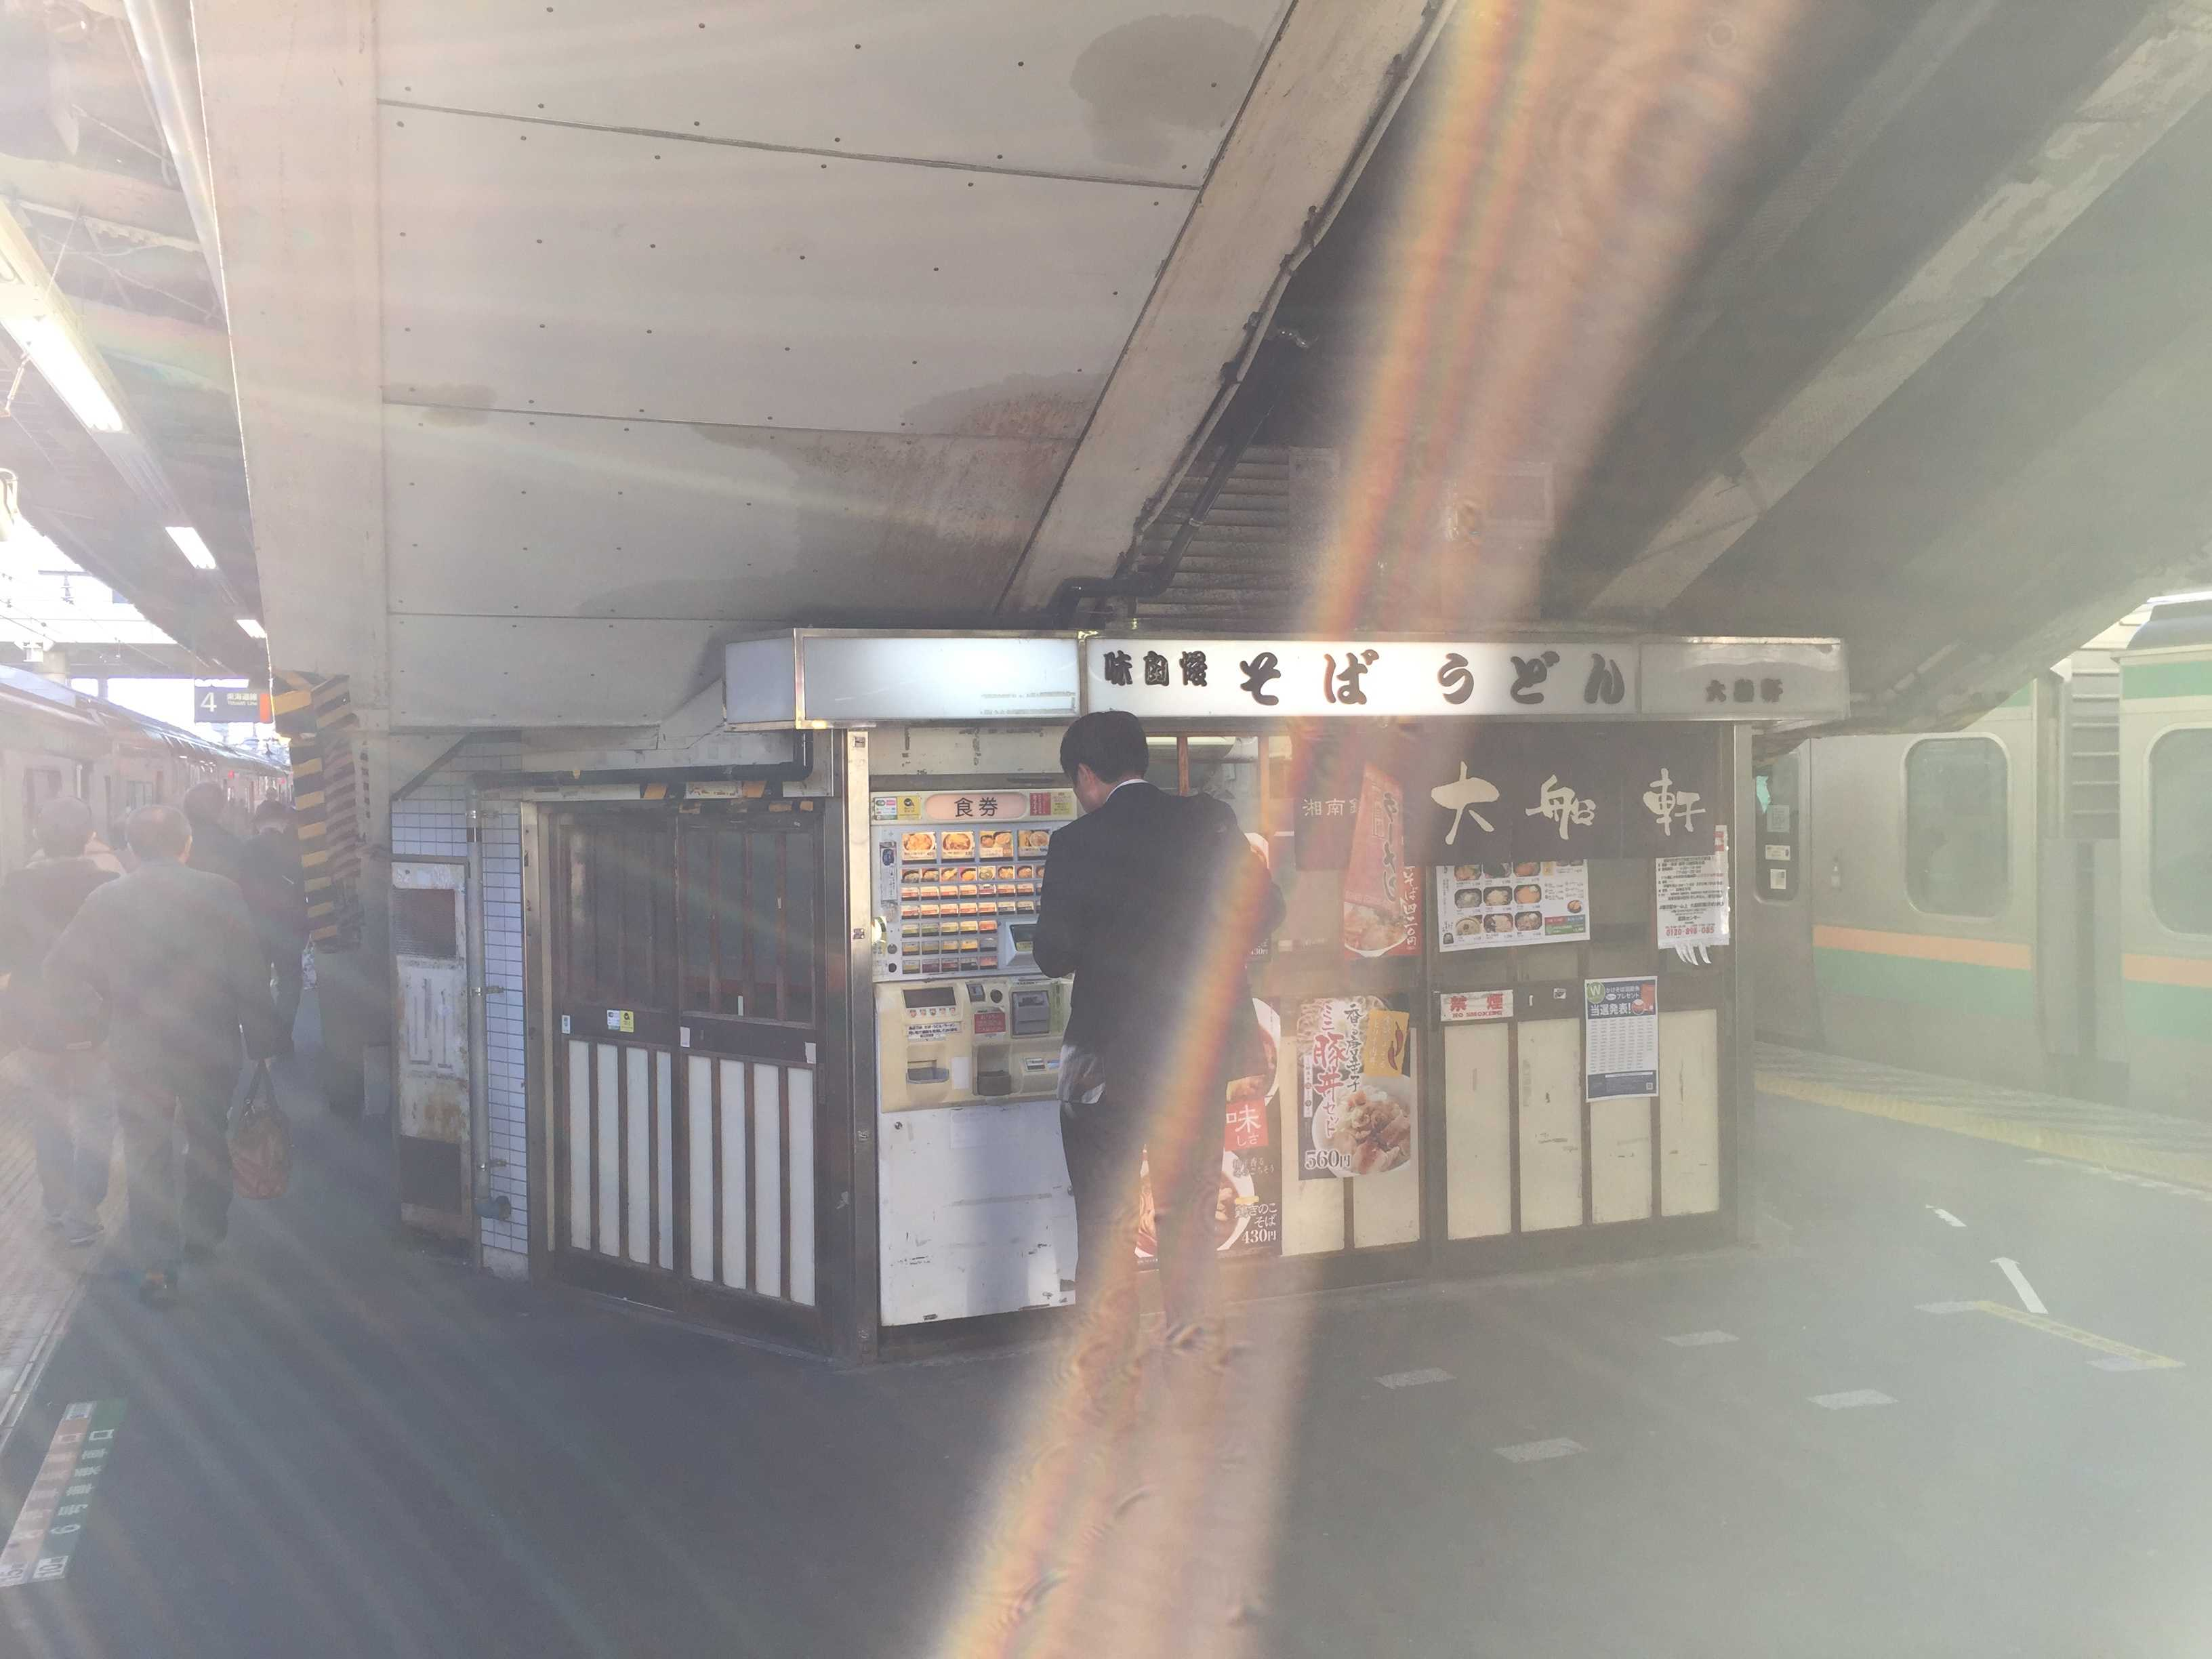 JR藤沢駅